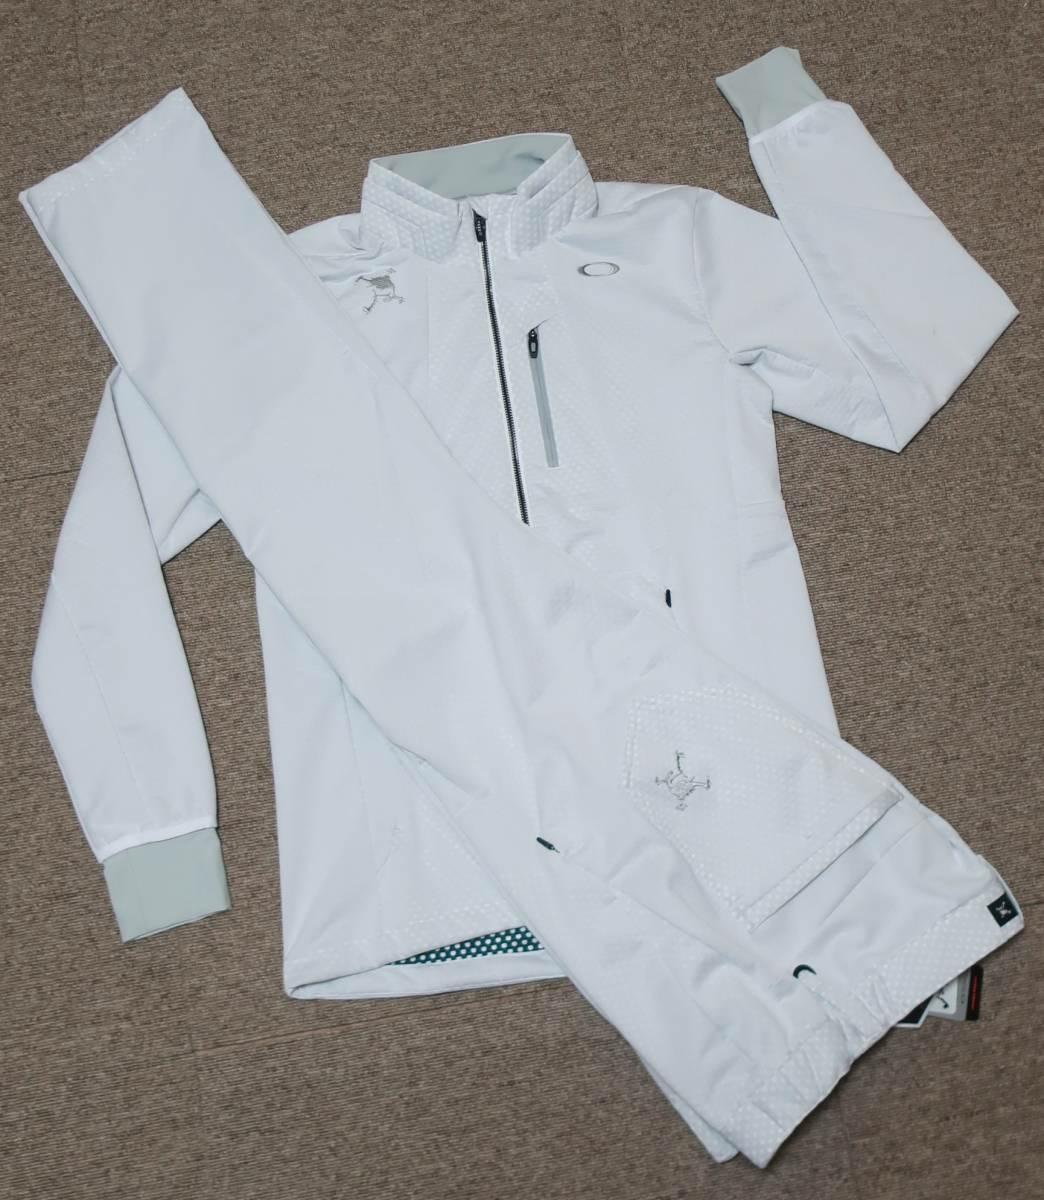 M / OAKLEY GOLF(オークリー ゴルフ) Skull Bonded Wind Jacket 3D Pants スカル セットアップ上下セット /412636JP 422505JP-100